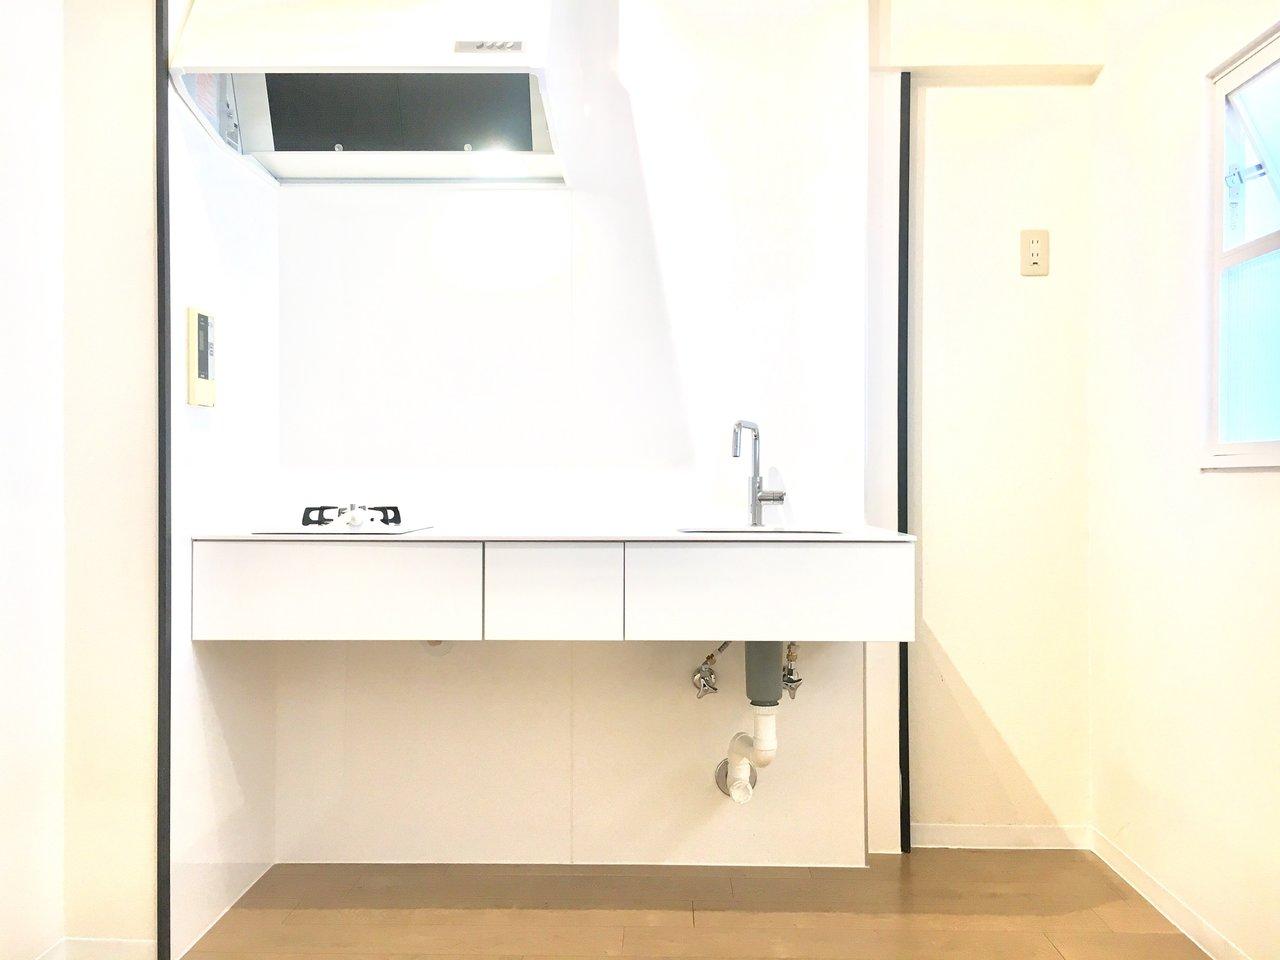 キッチンは白を基調としたナチュラルスタイル。壁面をうまく使って、収納スペースを確保しましょう。